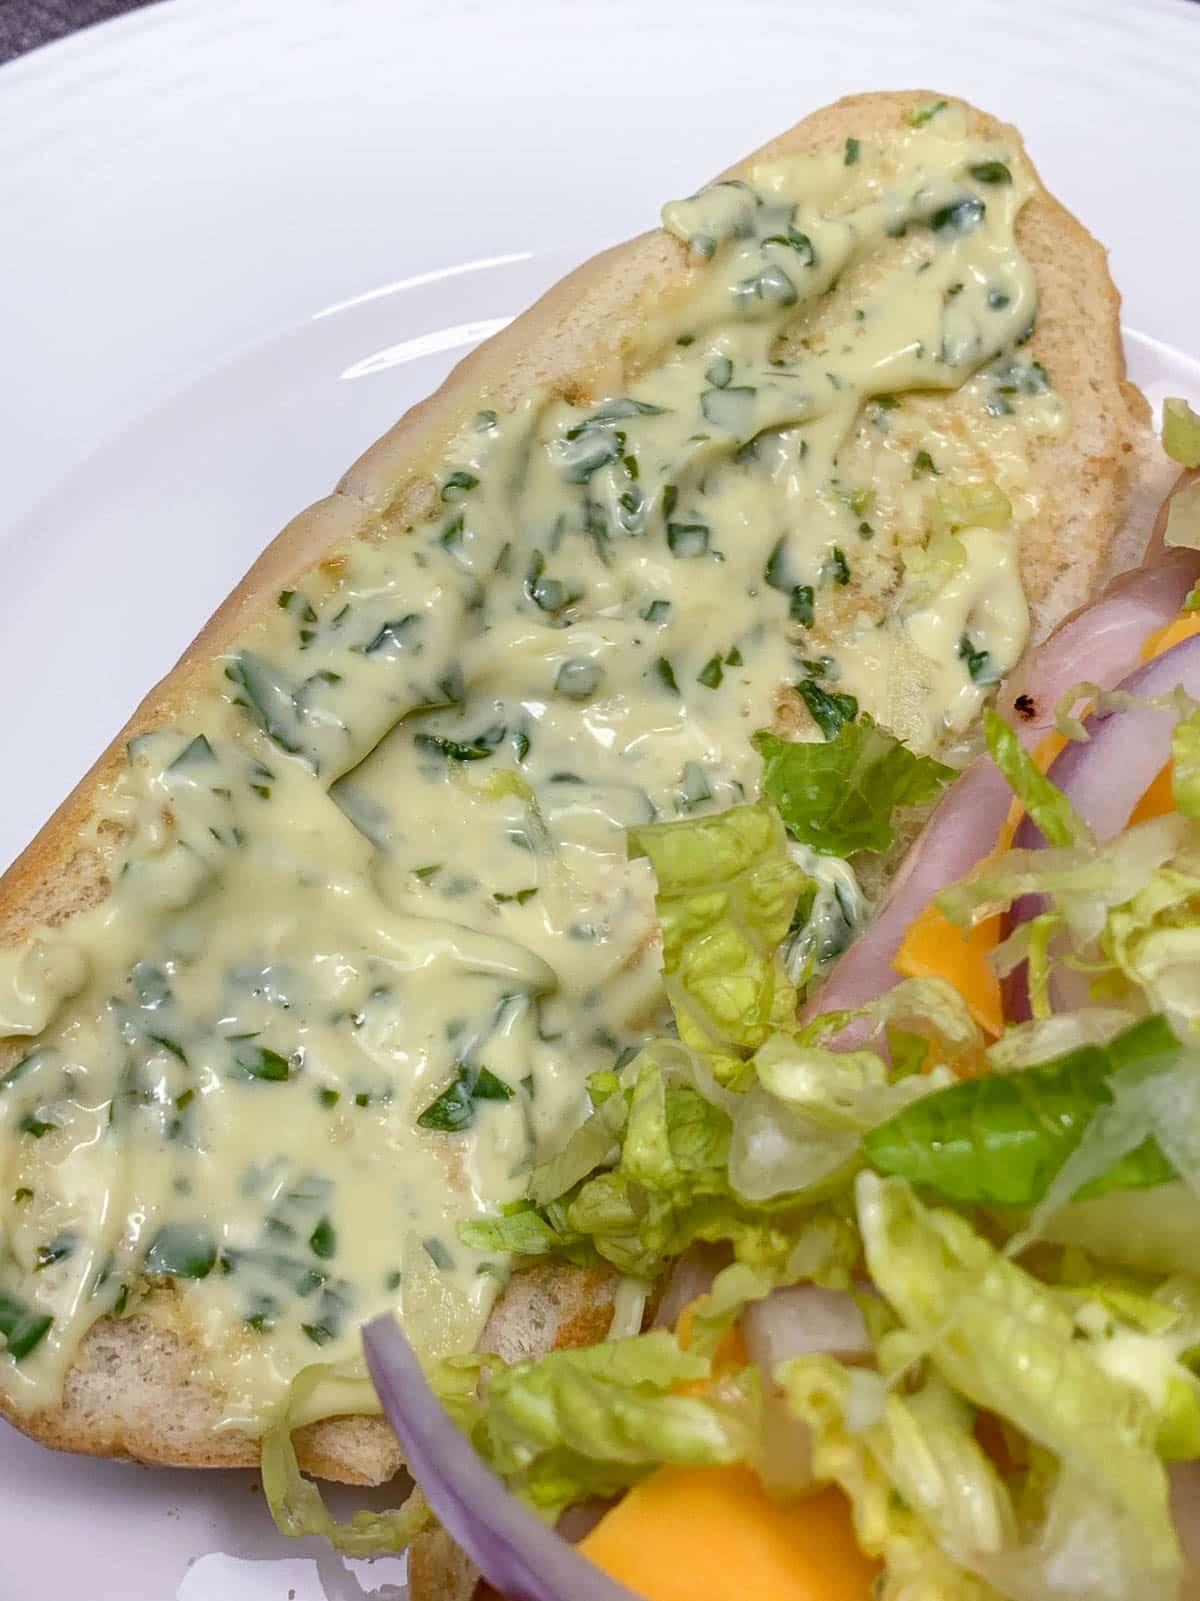 aioli on club house sandwich